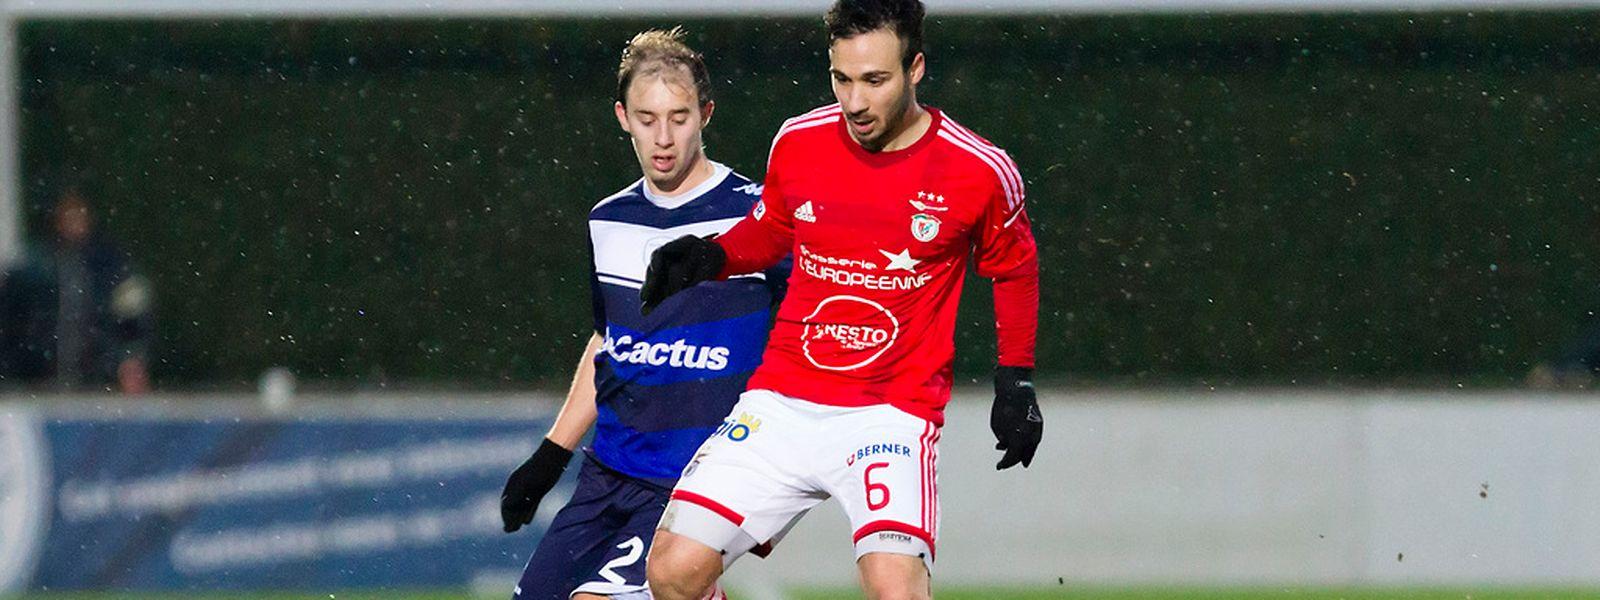 Cataldo Cozza face à Jonathan Hennetier. Les Hammois ont été les plus réalistes dans ce derby de la capitale.